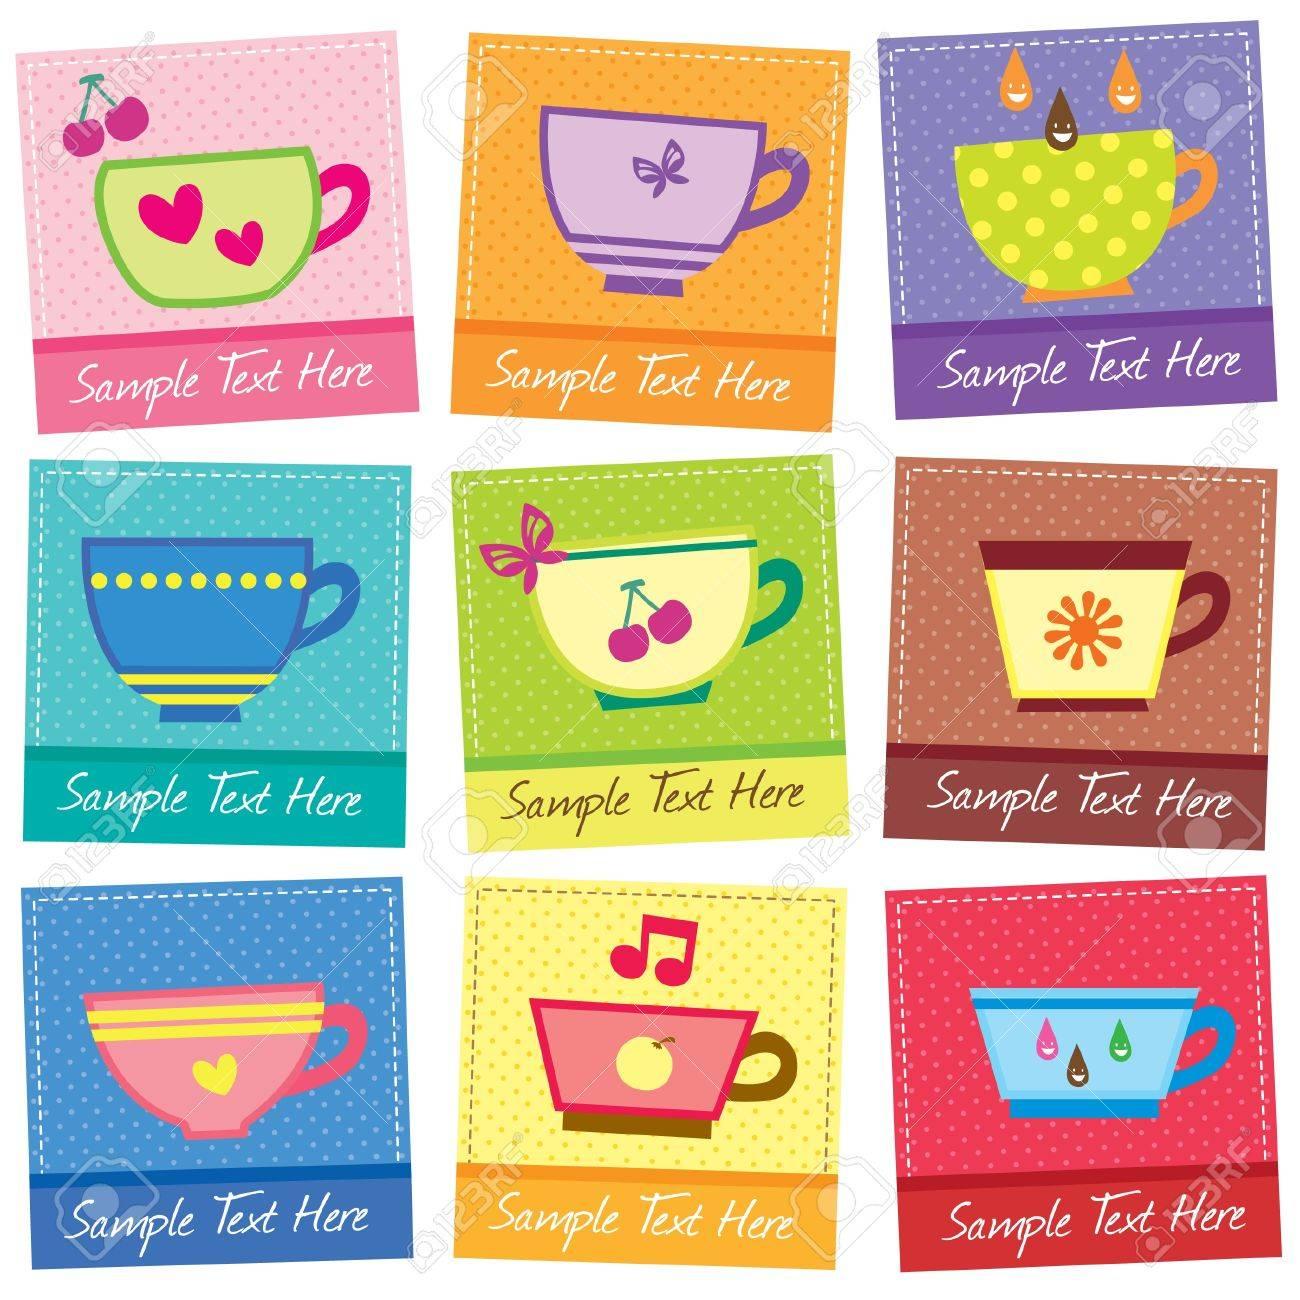 cute mugs layout design Stock Vector - 20560091